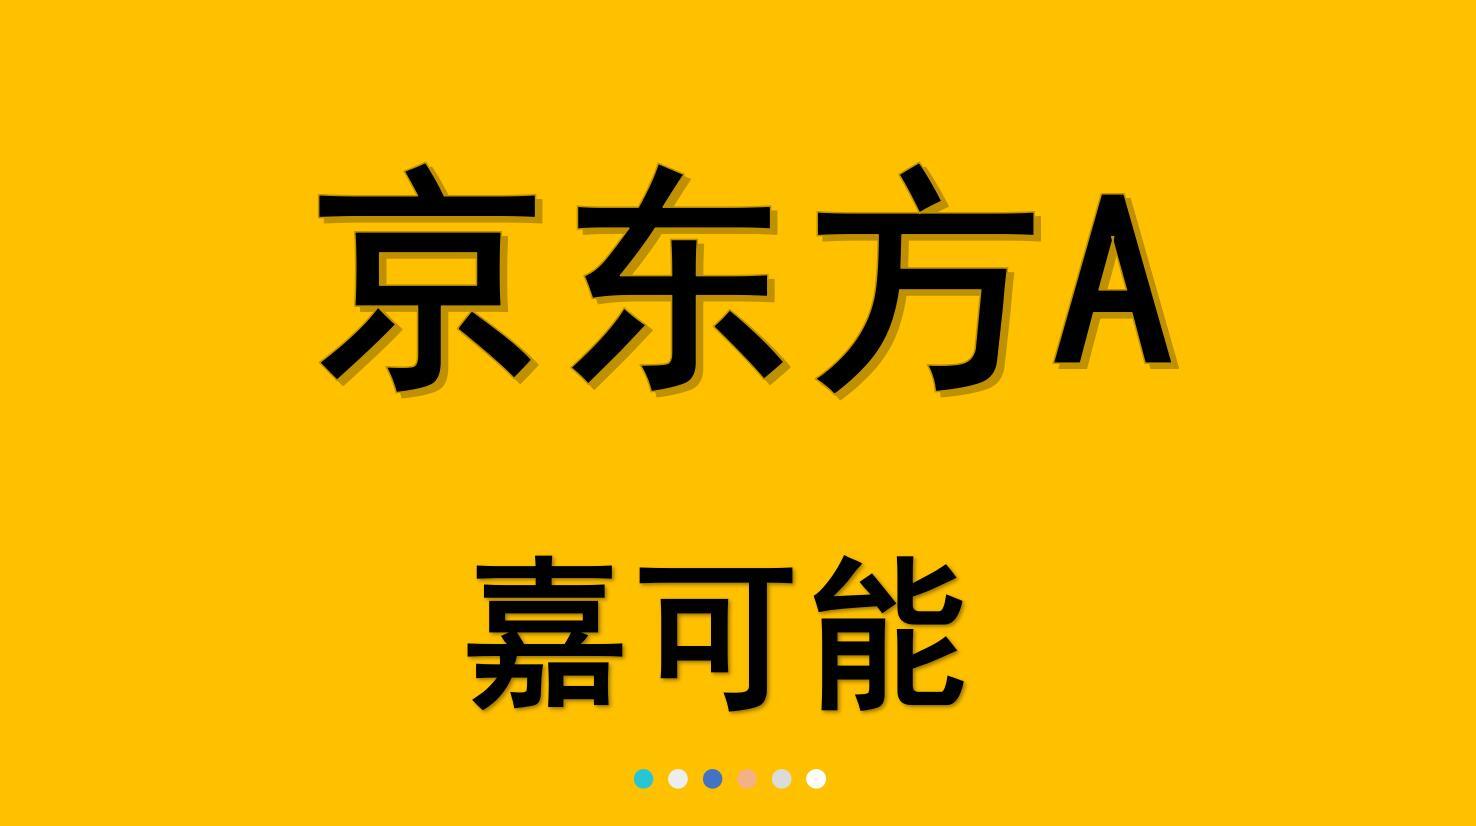 【嘉可能】京东方A(000725)缠论K线详解,与缠论趋势复制?(04月26日)